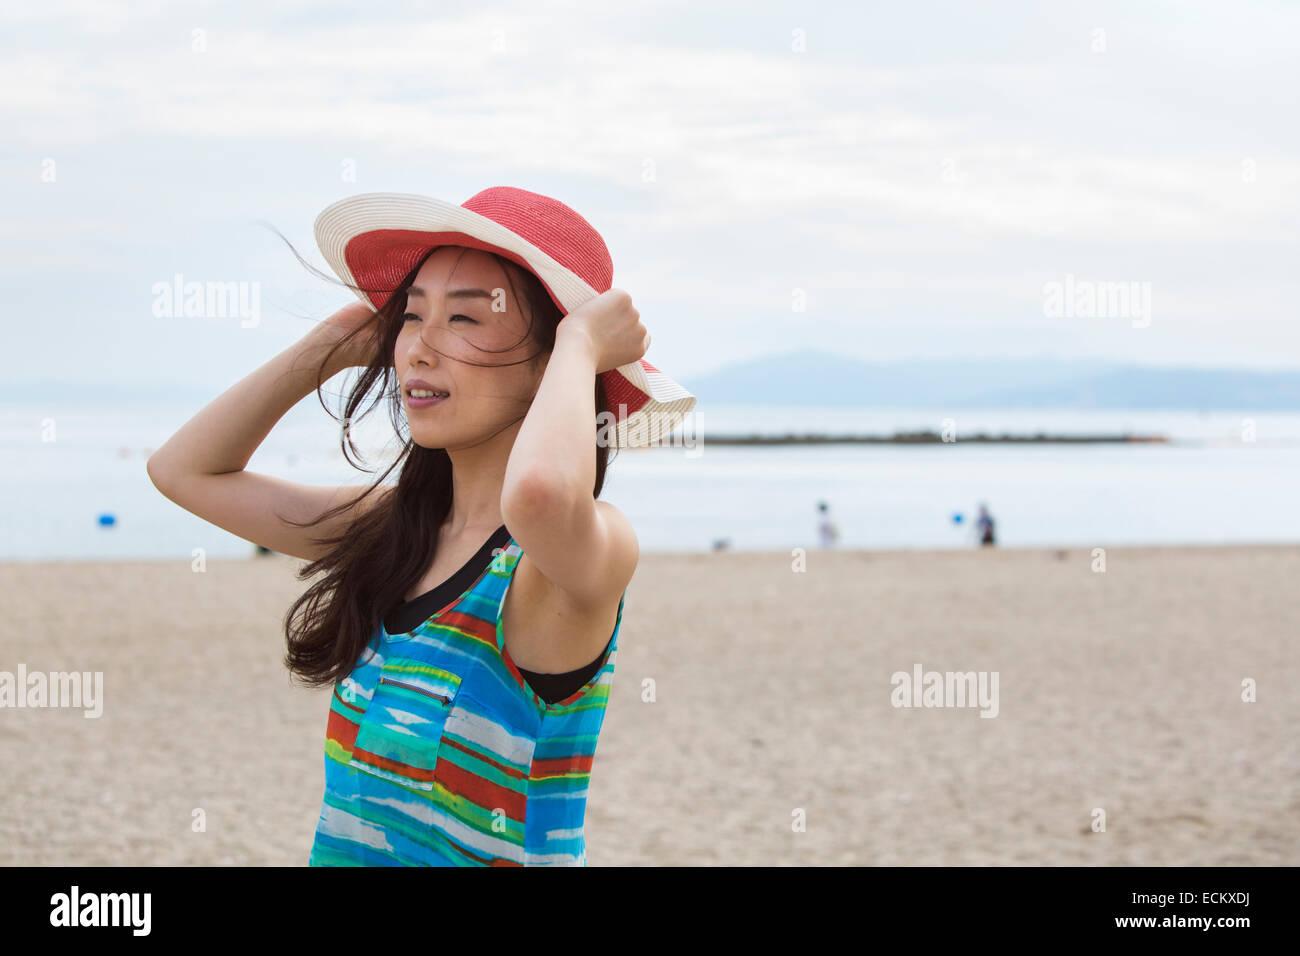 Una mujer en una playa en Kobe, sosteniendo su sombrero. Foto de stock